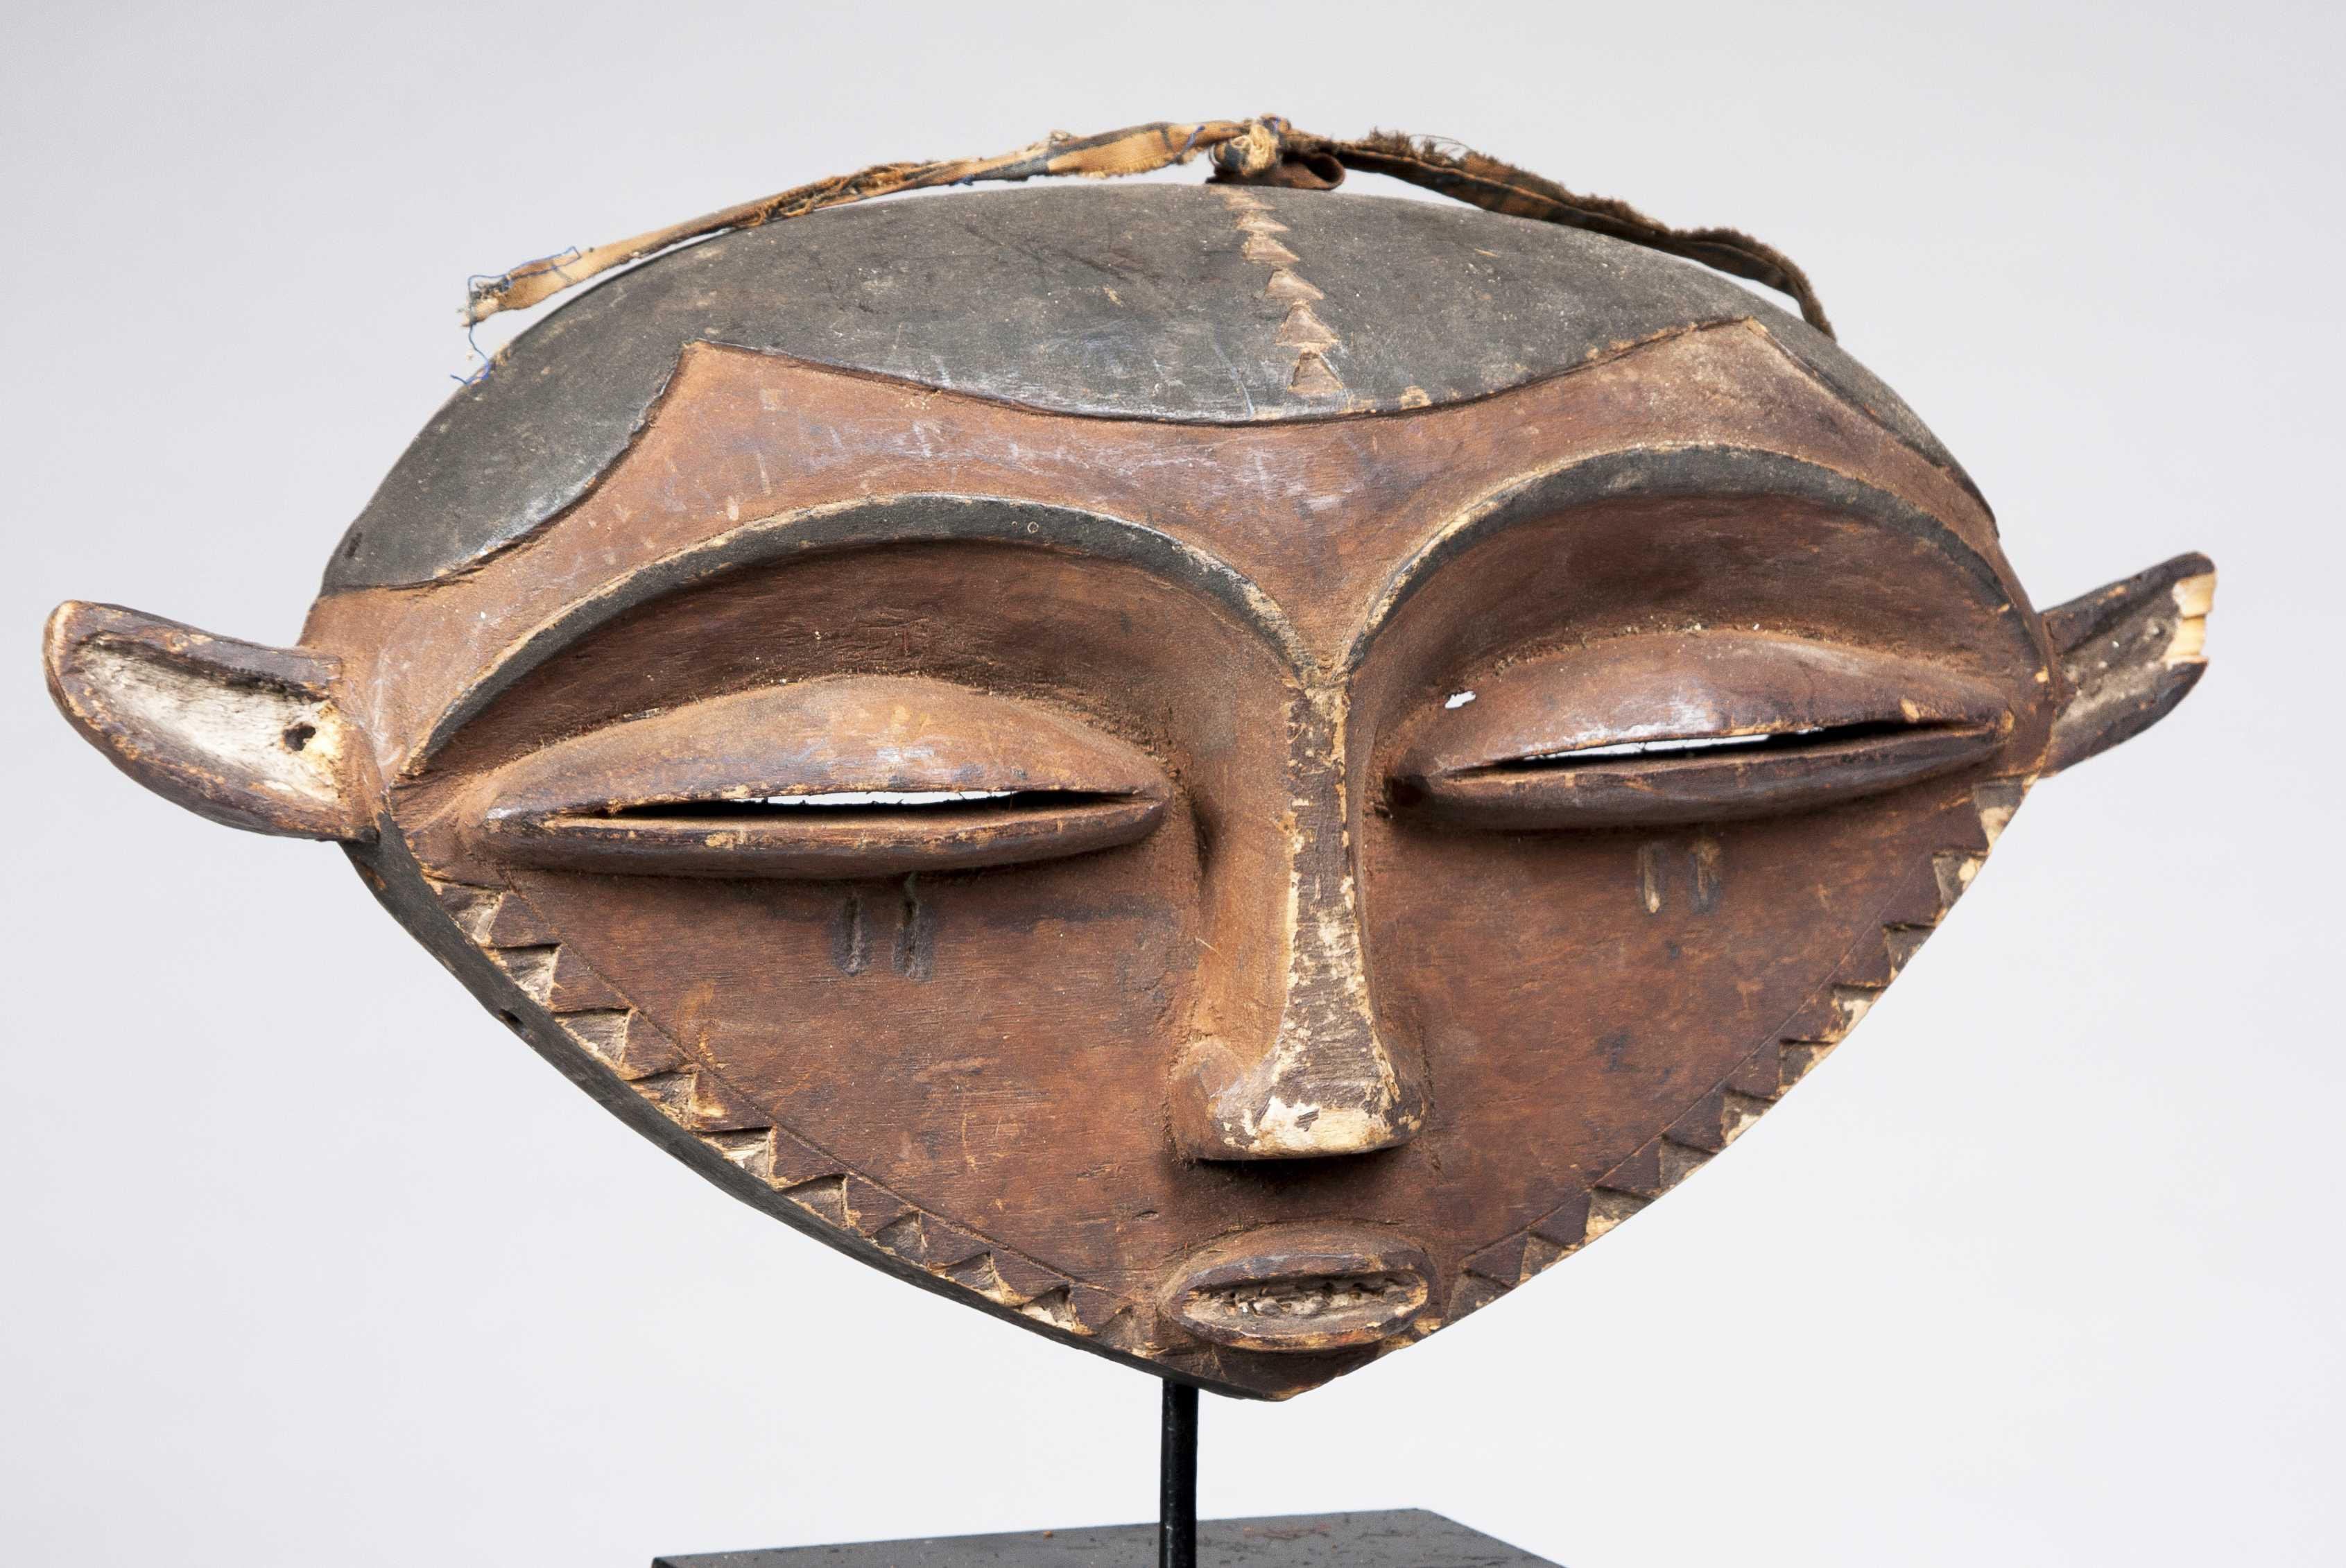 An Eastern Pende Buffalo Mask